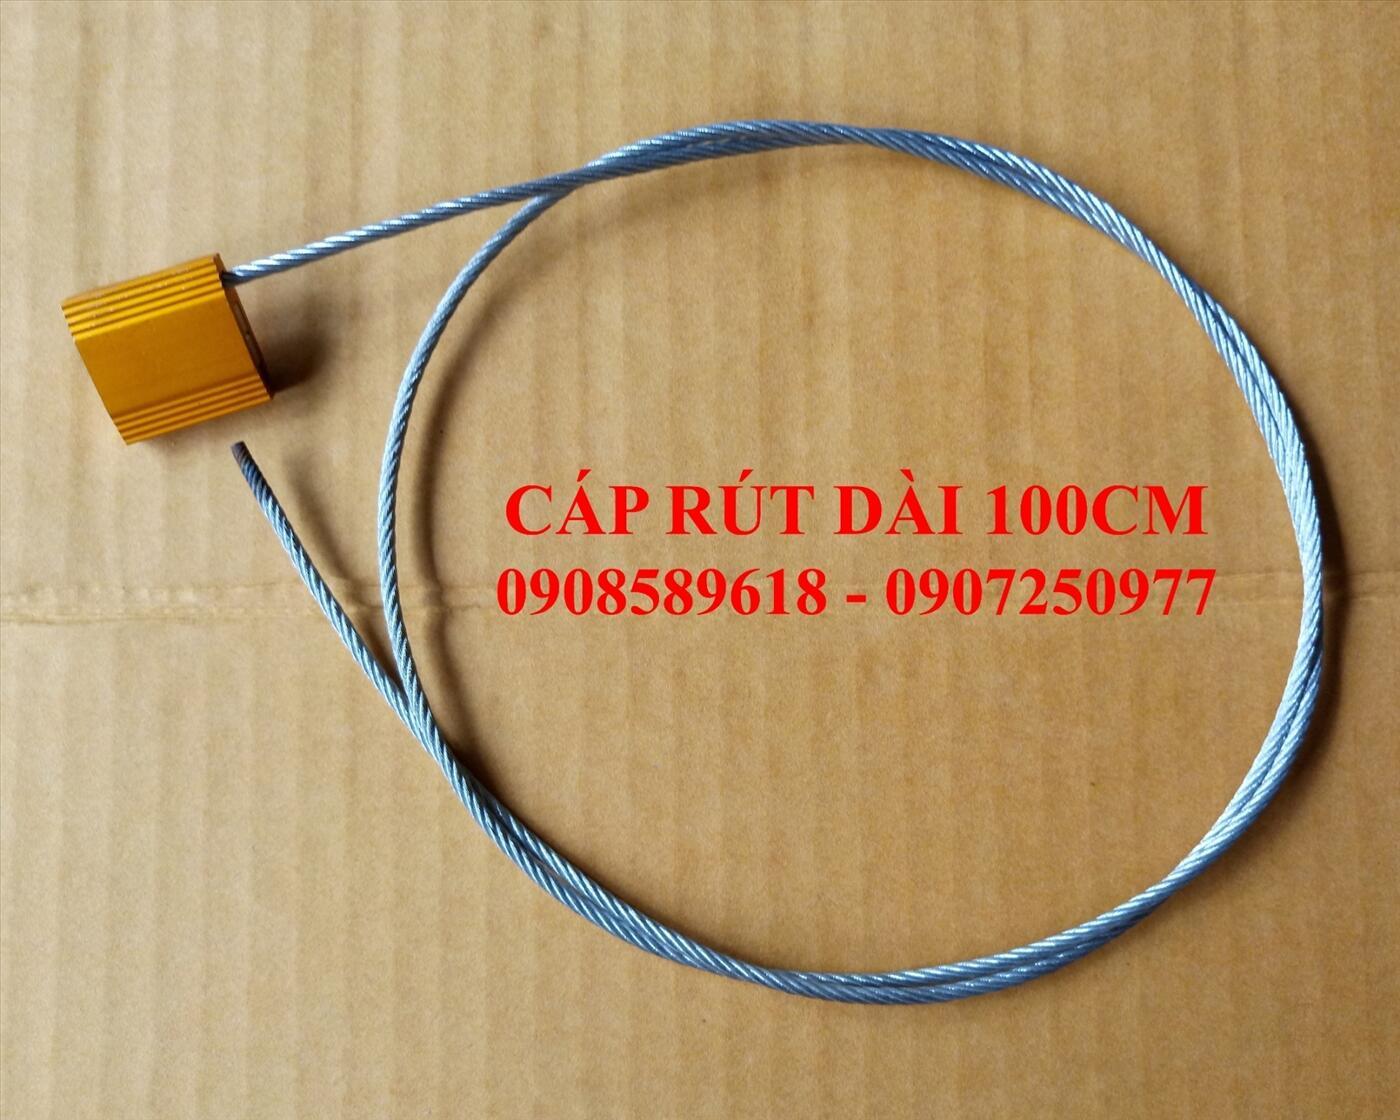 Seal dây cáp rút bản nhôm 100cm